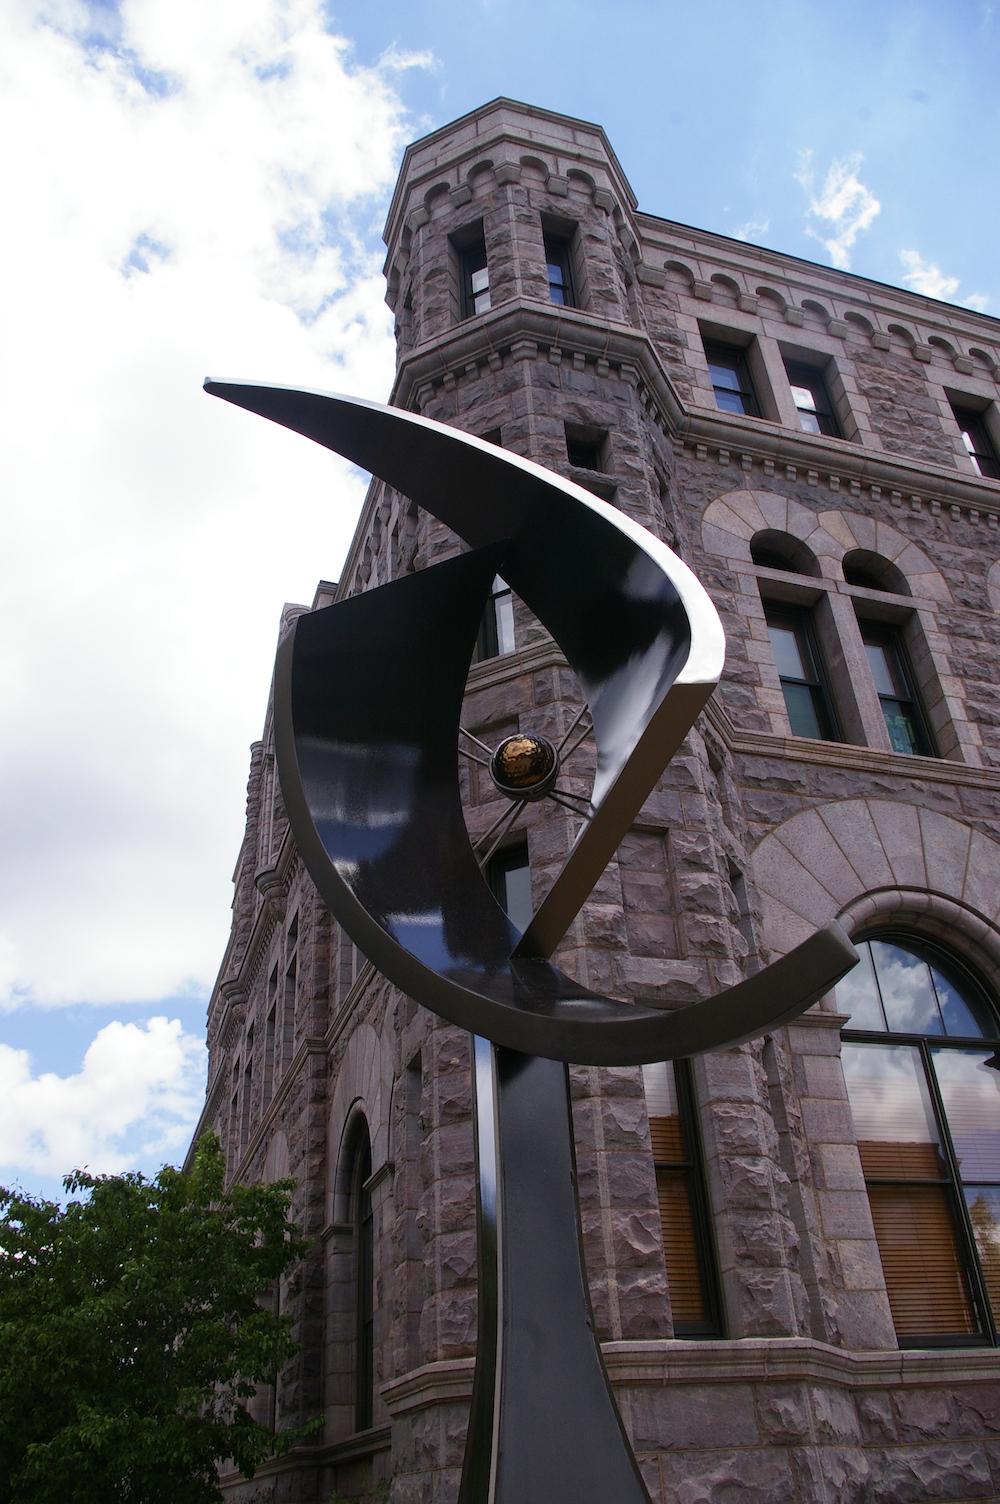 Metal spiral sculpture along the SculptureWalk in downtown Sioux Falls, South Dakota